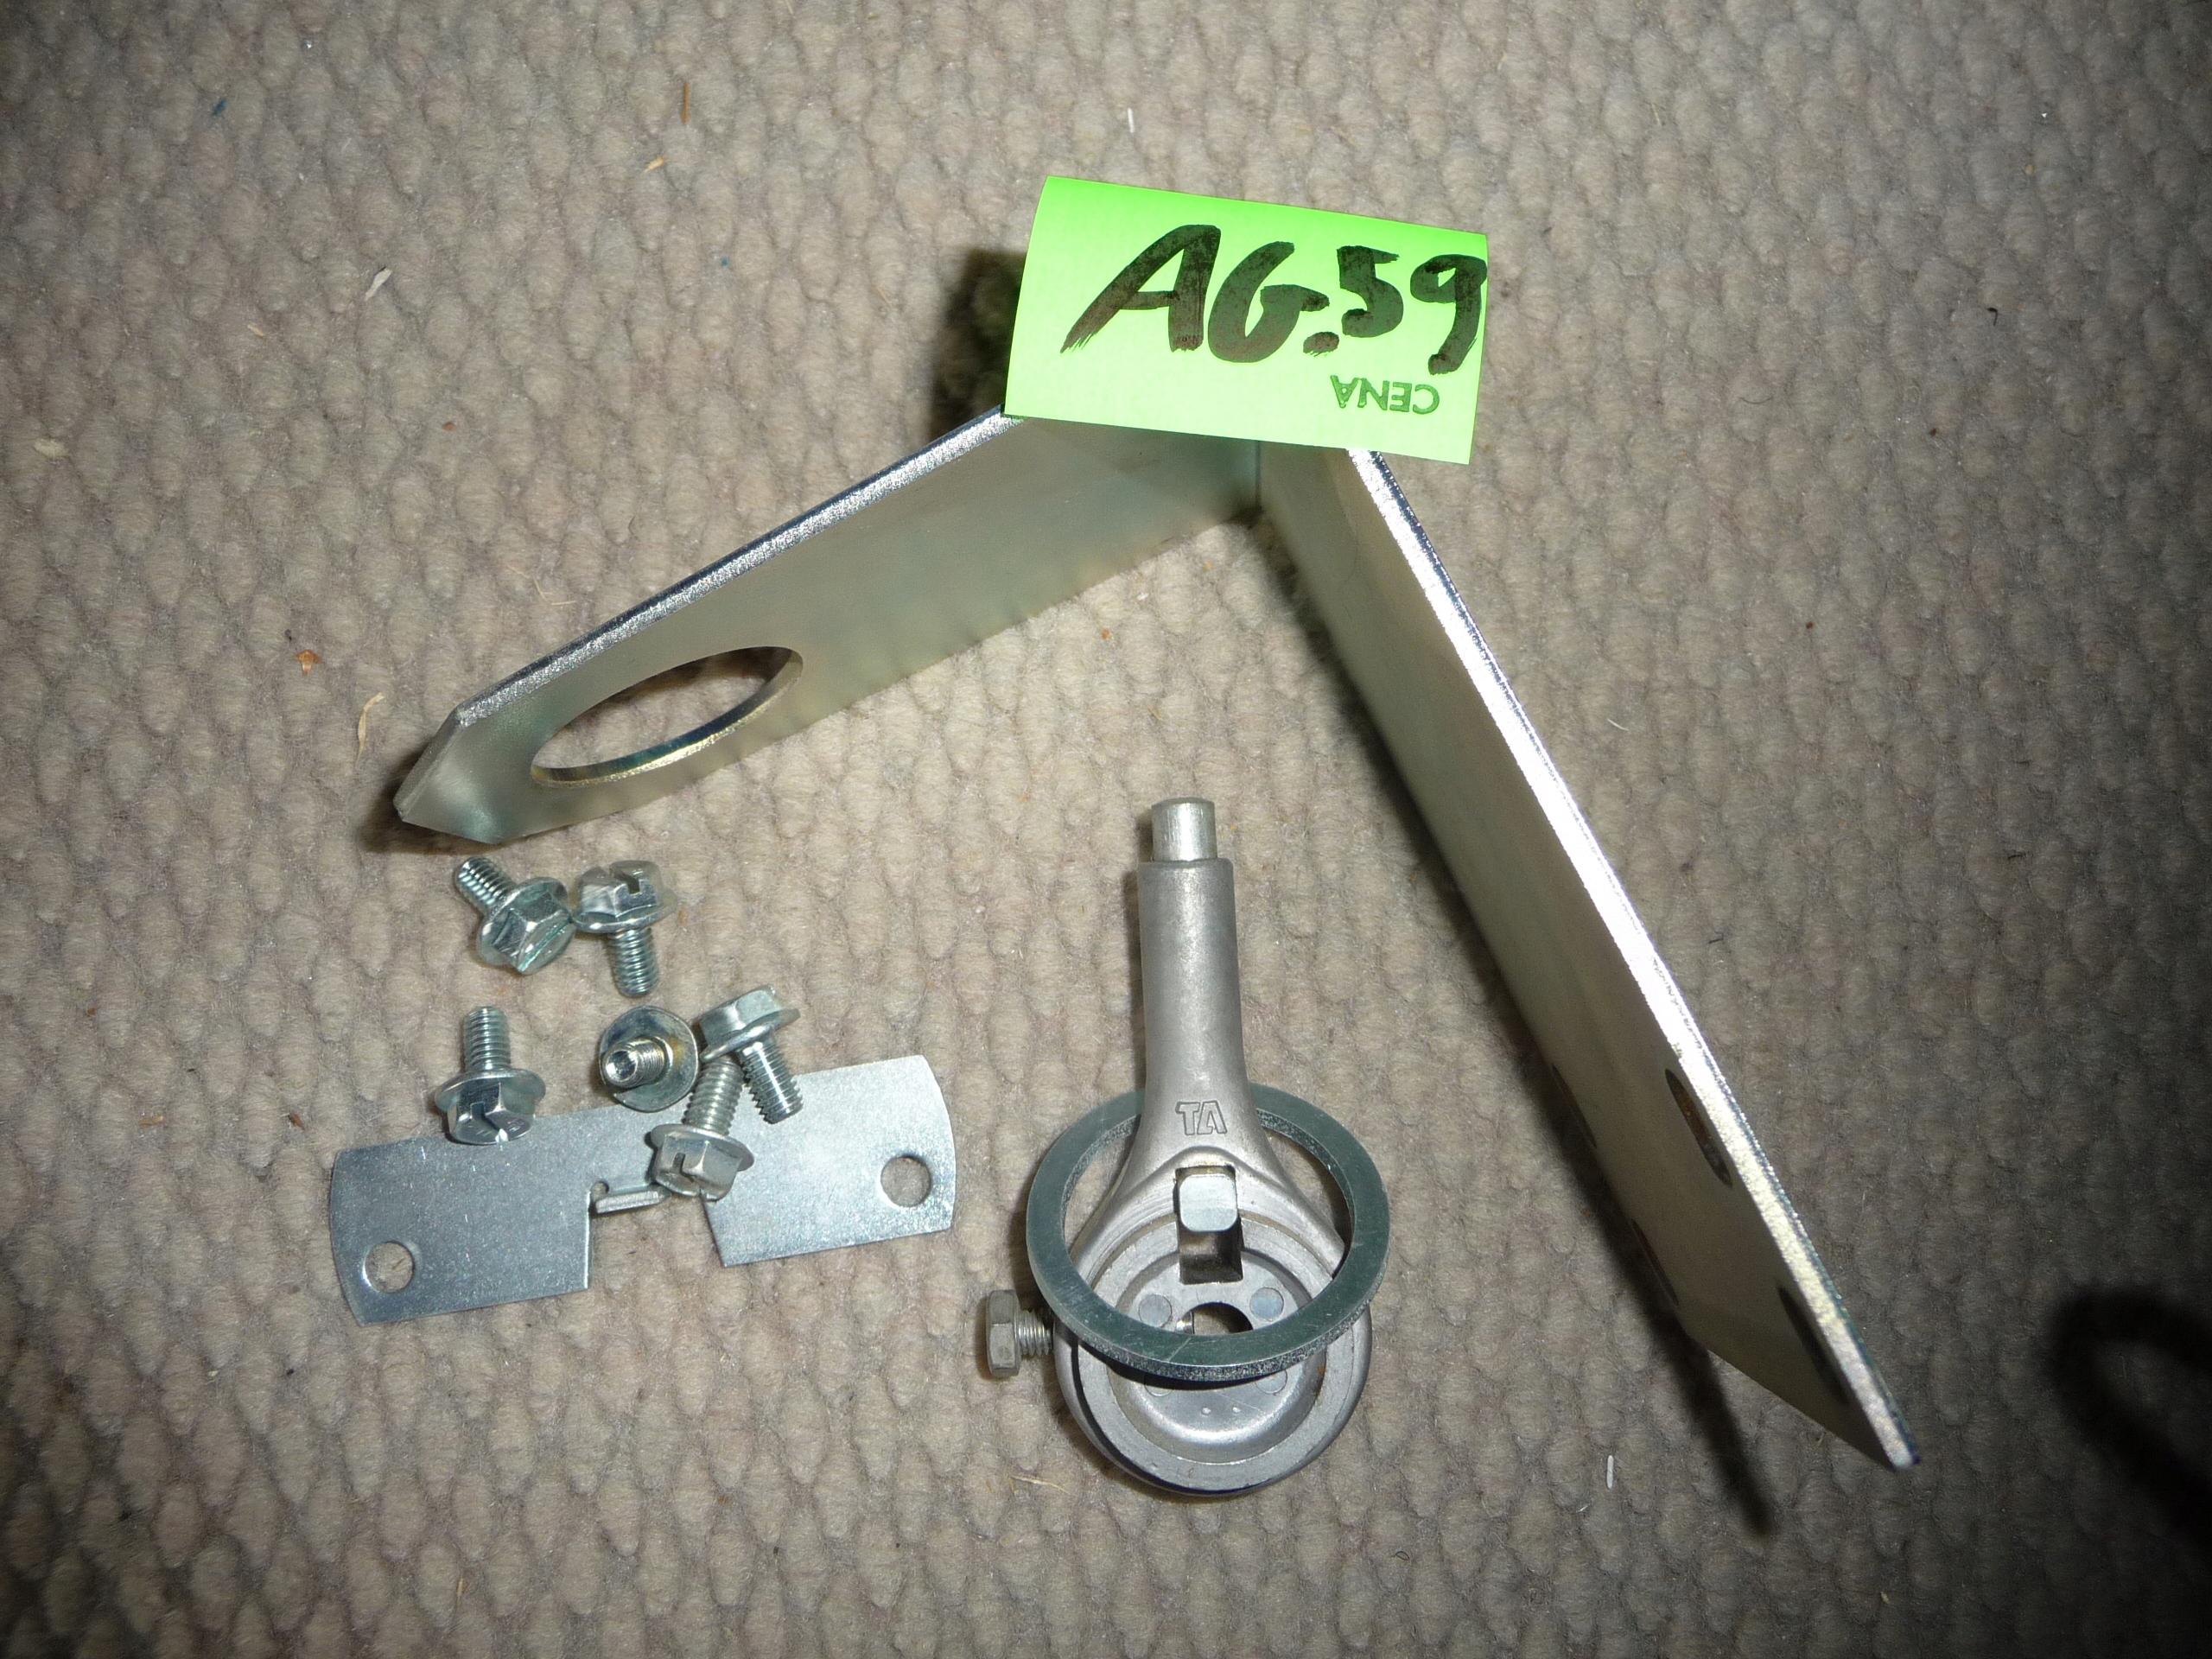 VAILLANT 09-0685 Ueberwachungselektrode